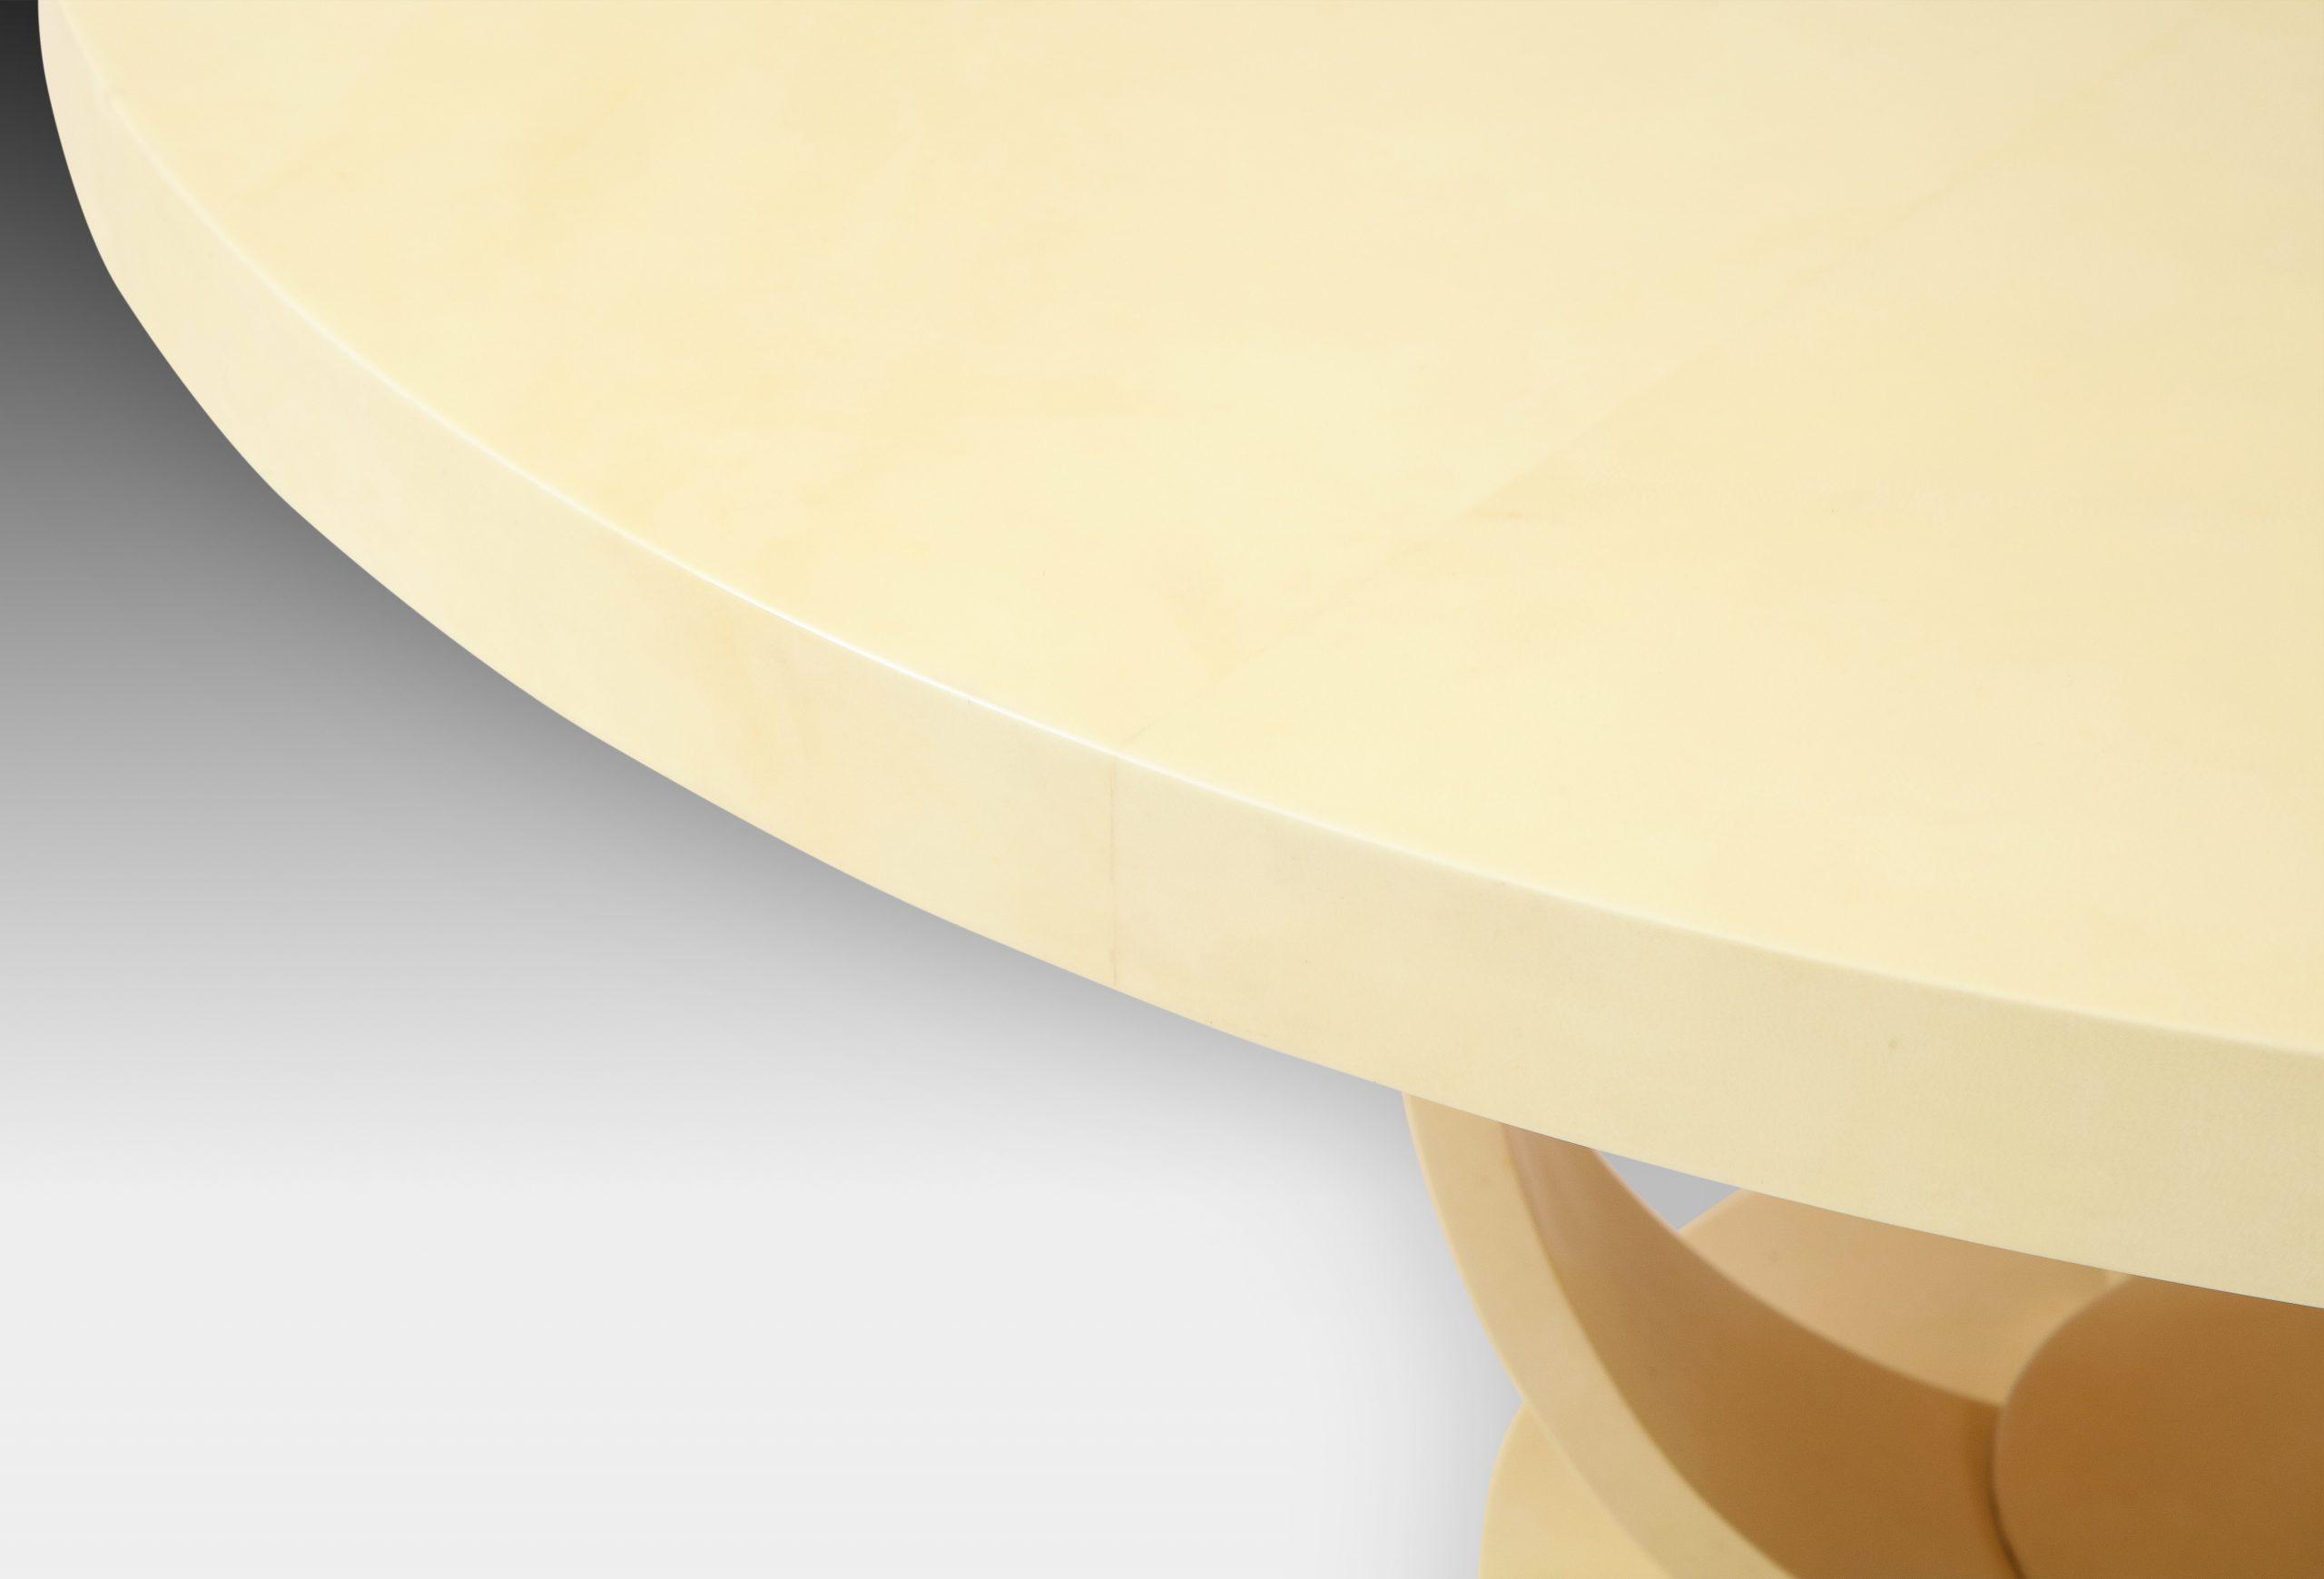 TUR201-4 by  | soyun k.